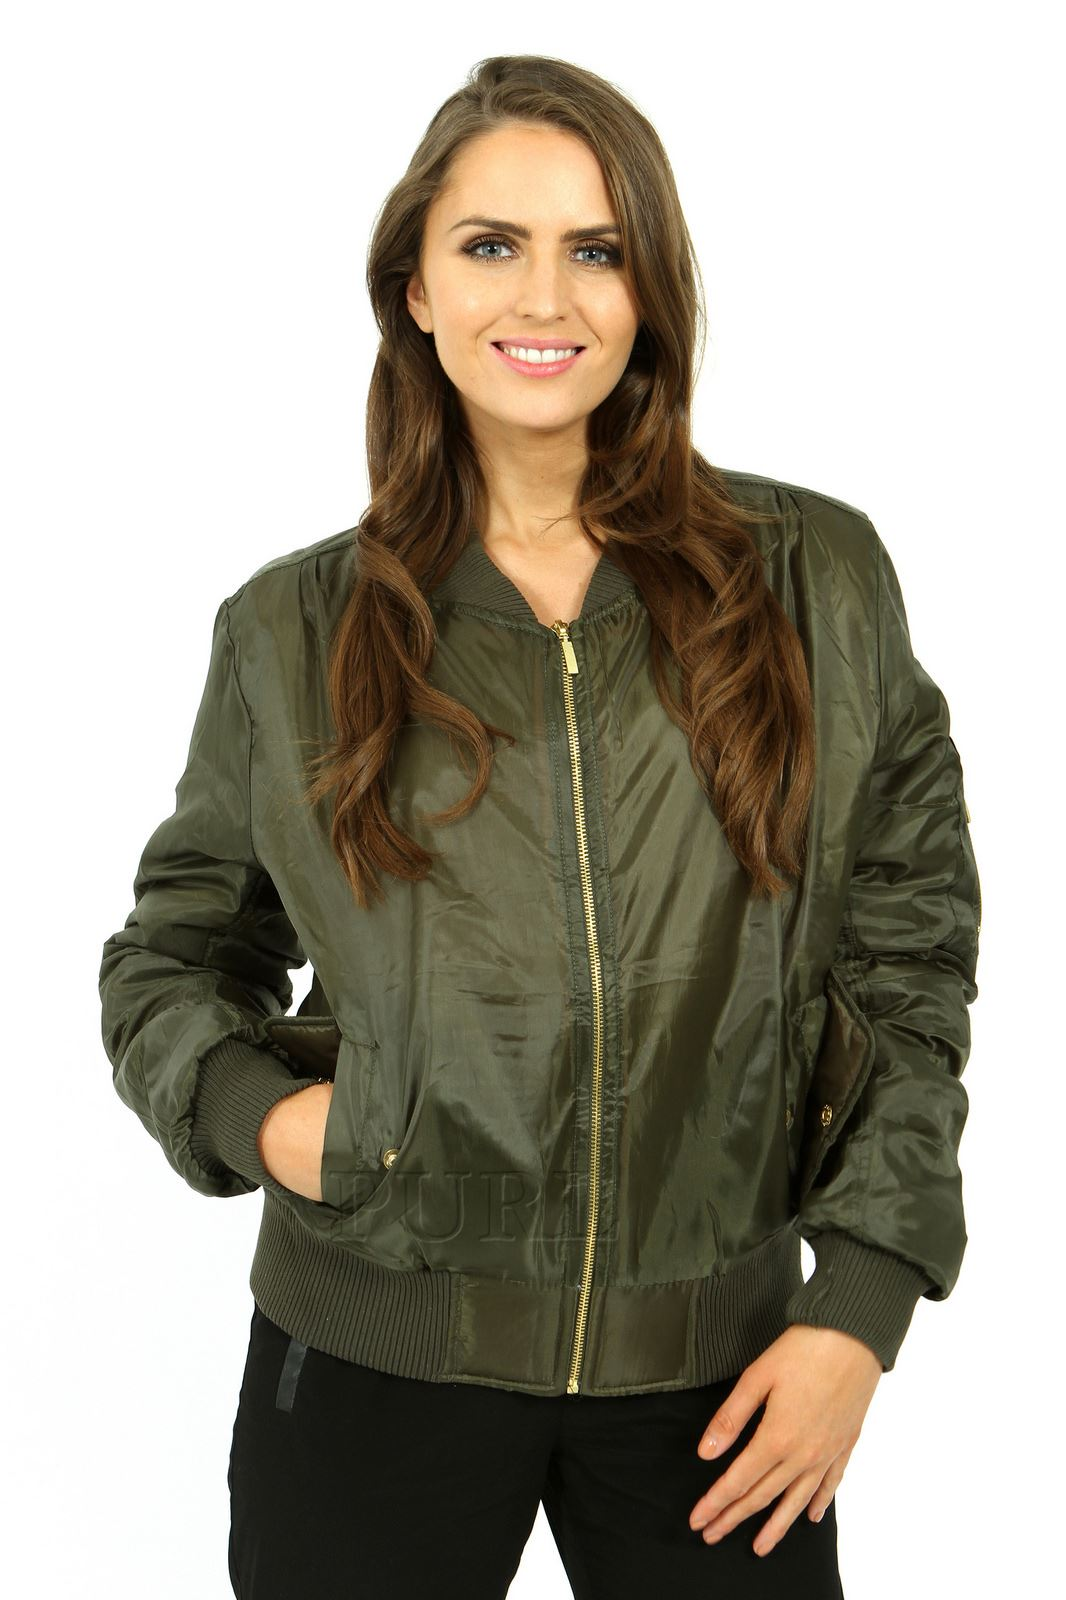 Leather jacket uk womens - Ladies Womens Girls Ma1 Padded Stylish Zip Up Bomber Jacket Badges Black S Uk 8